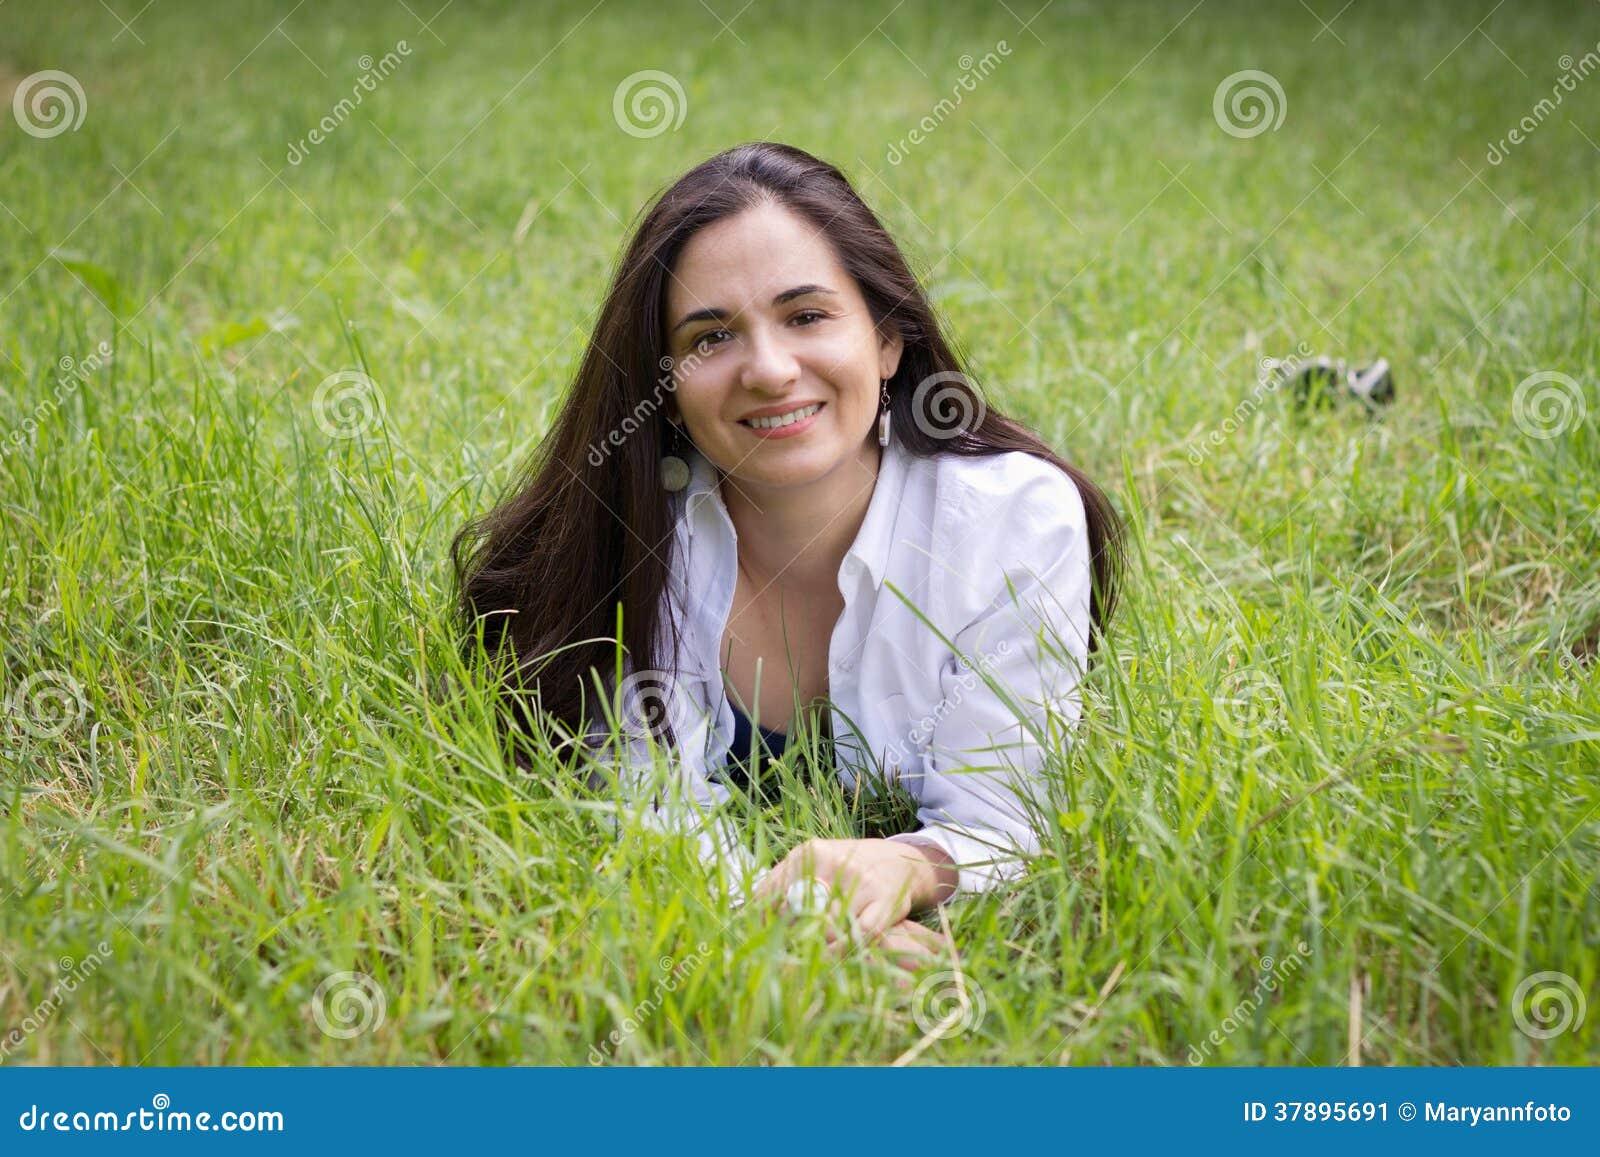 La ragazza si trova in un erba verde